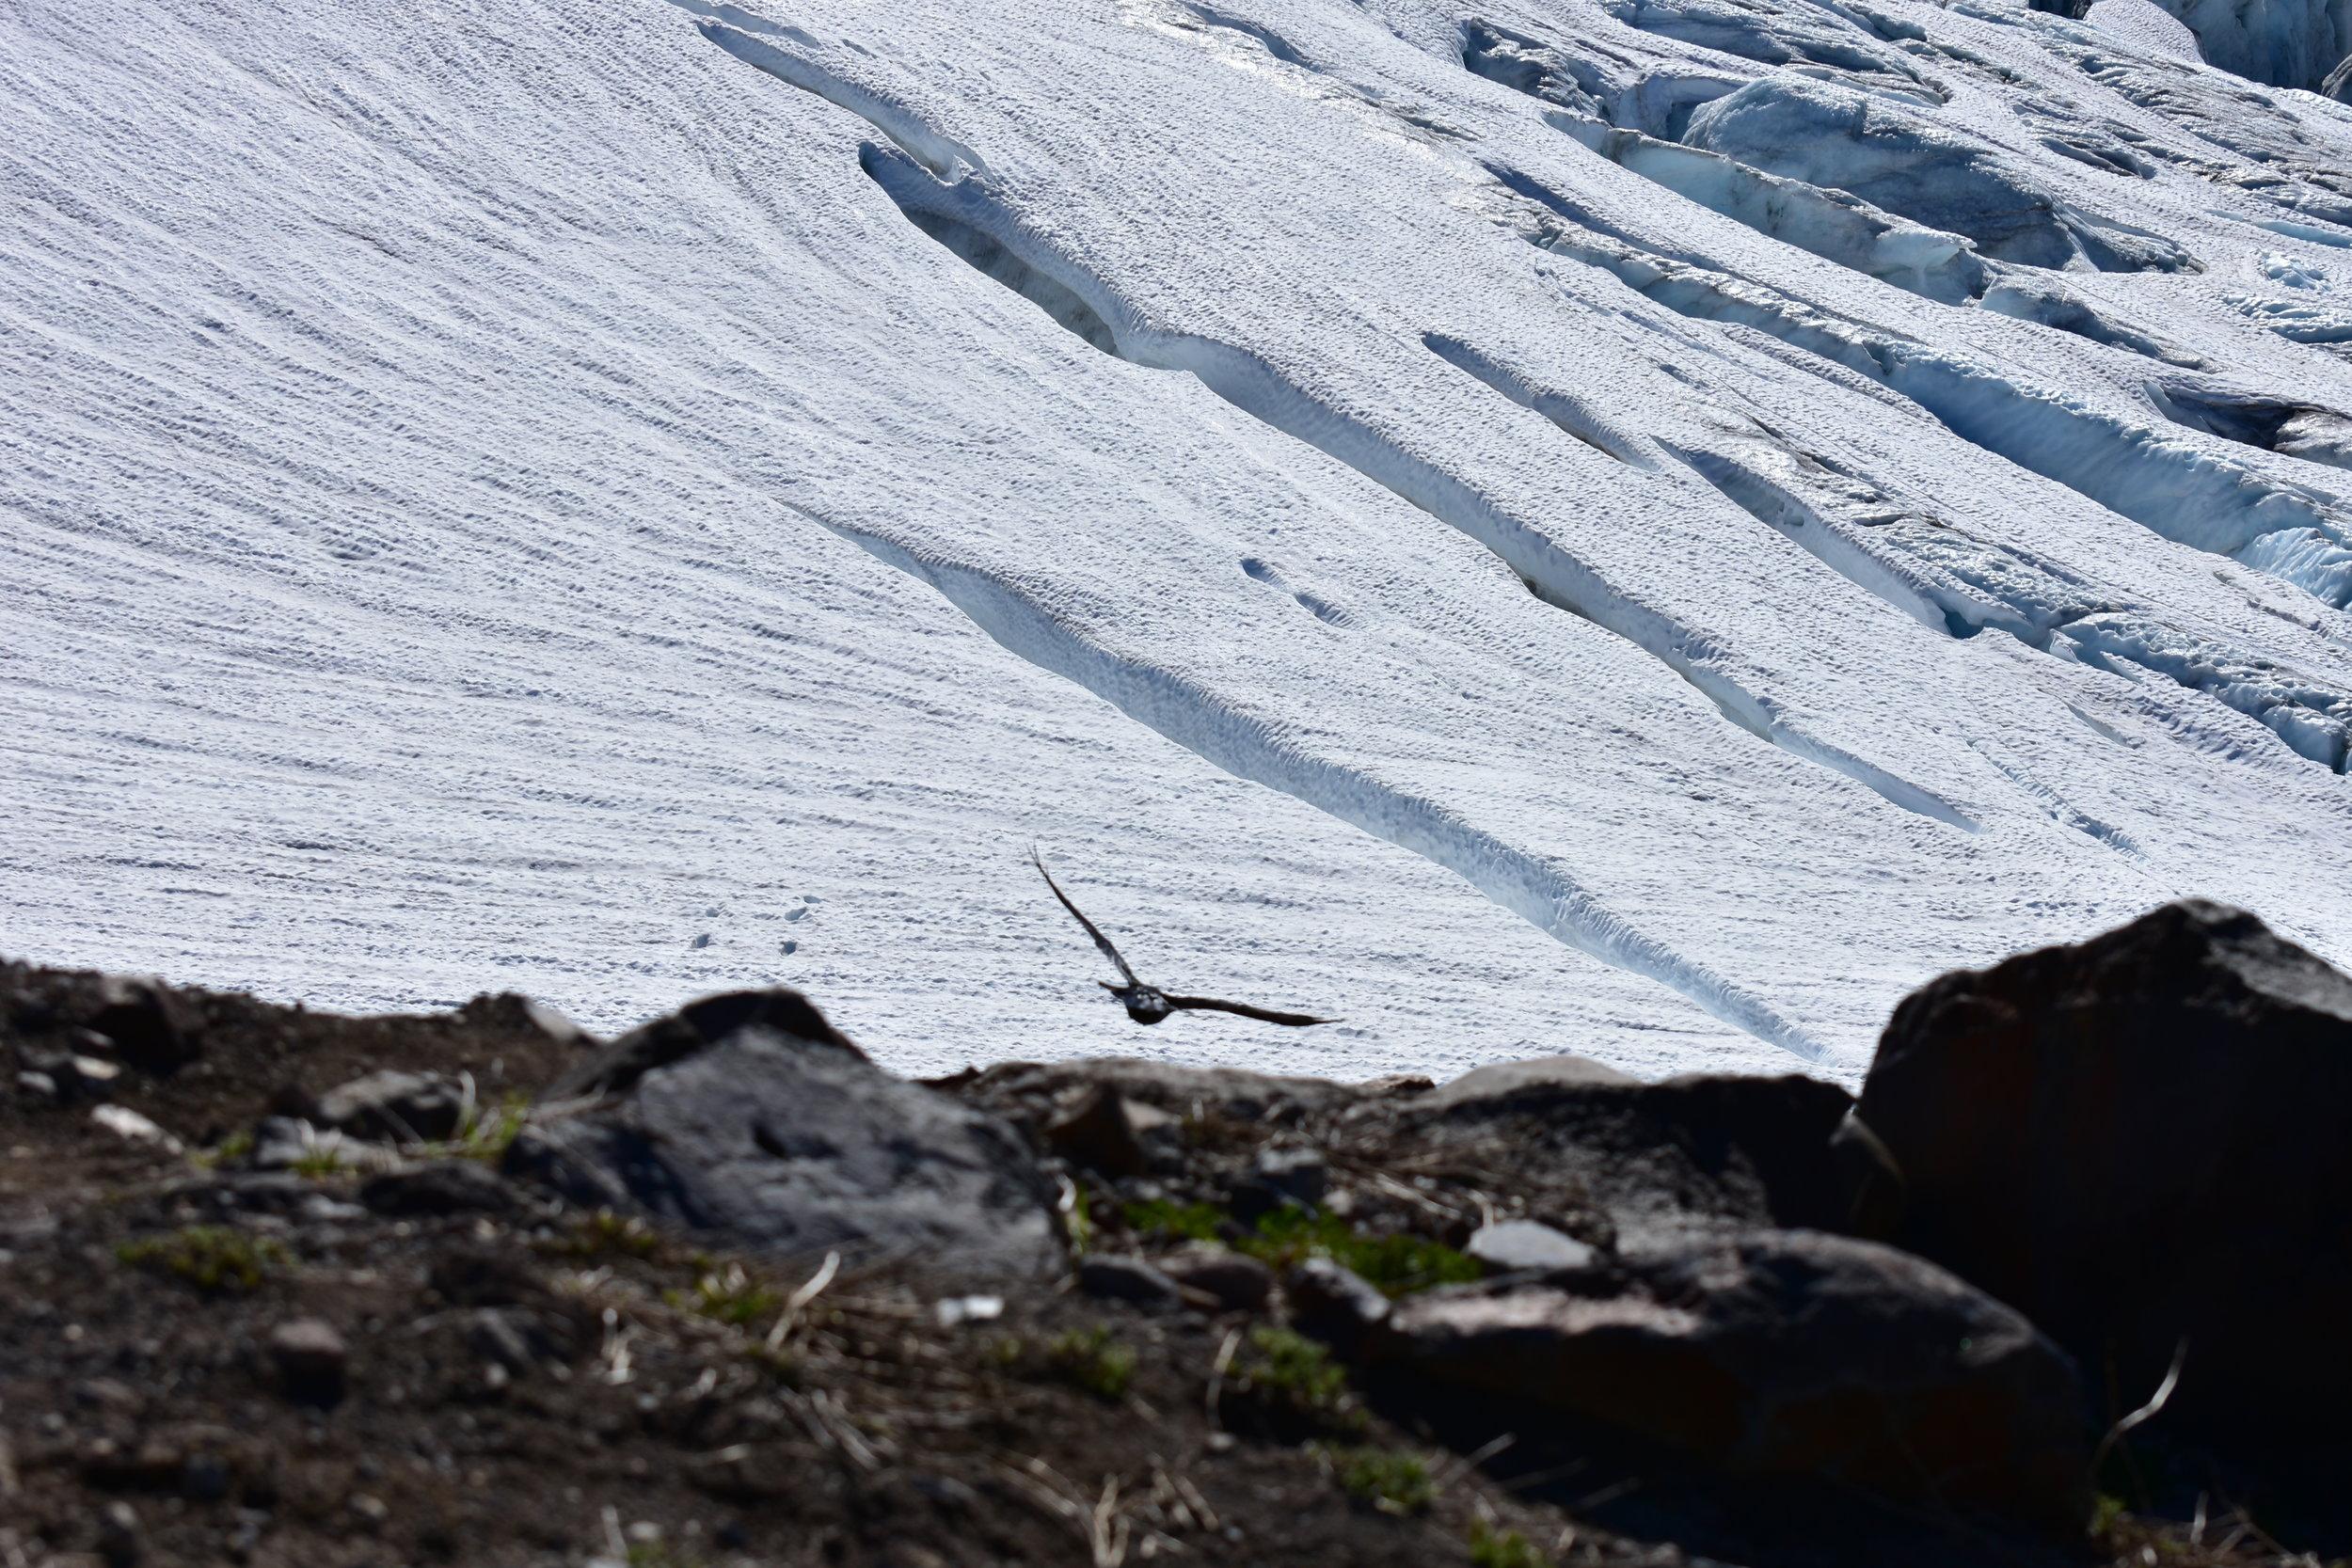 Ravens cross crevasses better than I